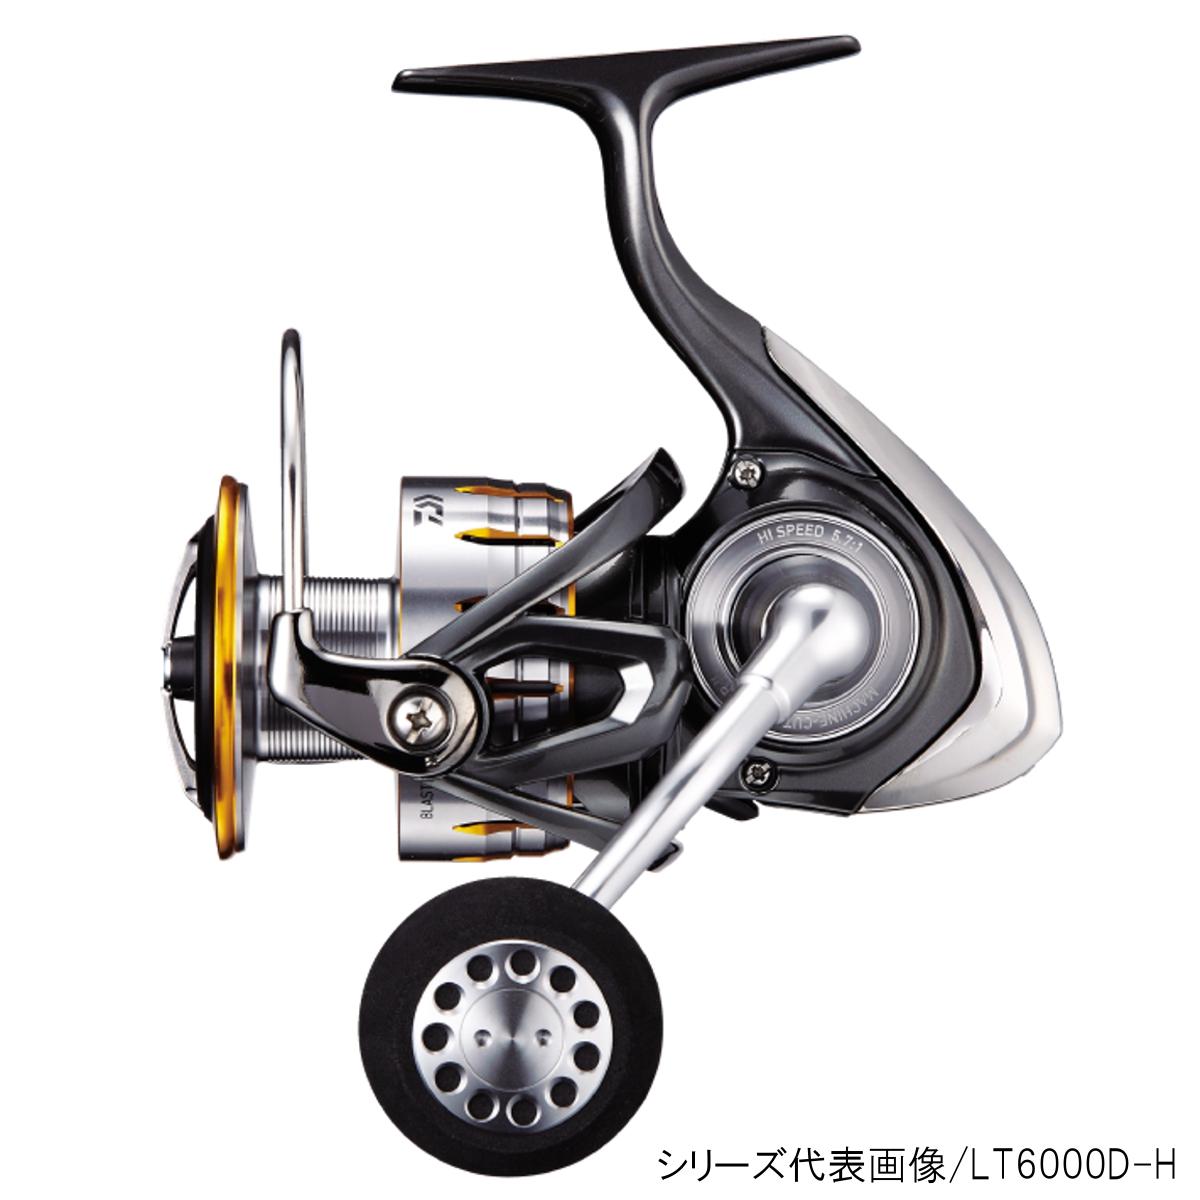 ダイワ ブラスト LT LT6000D